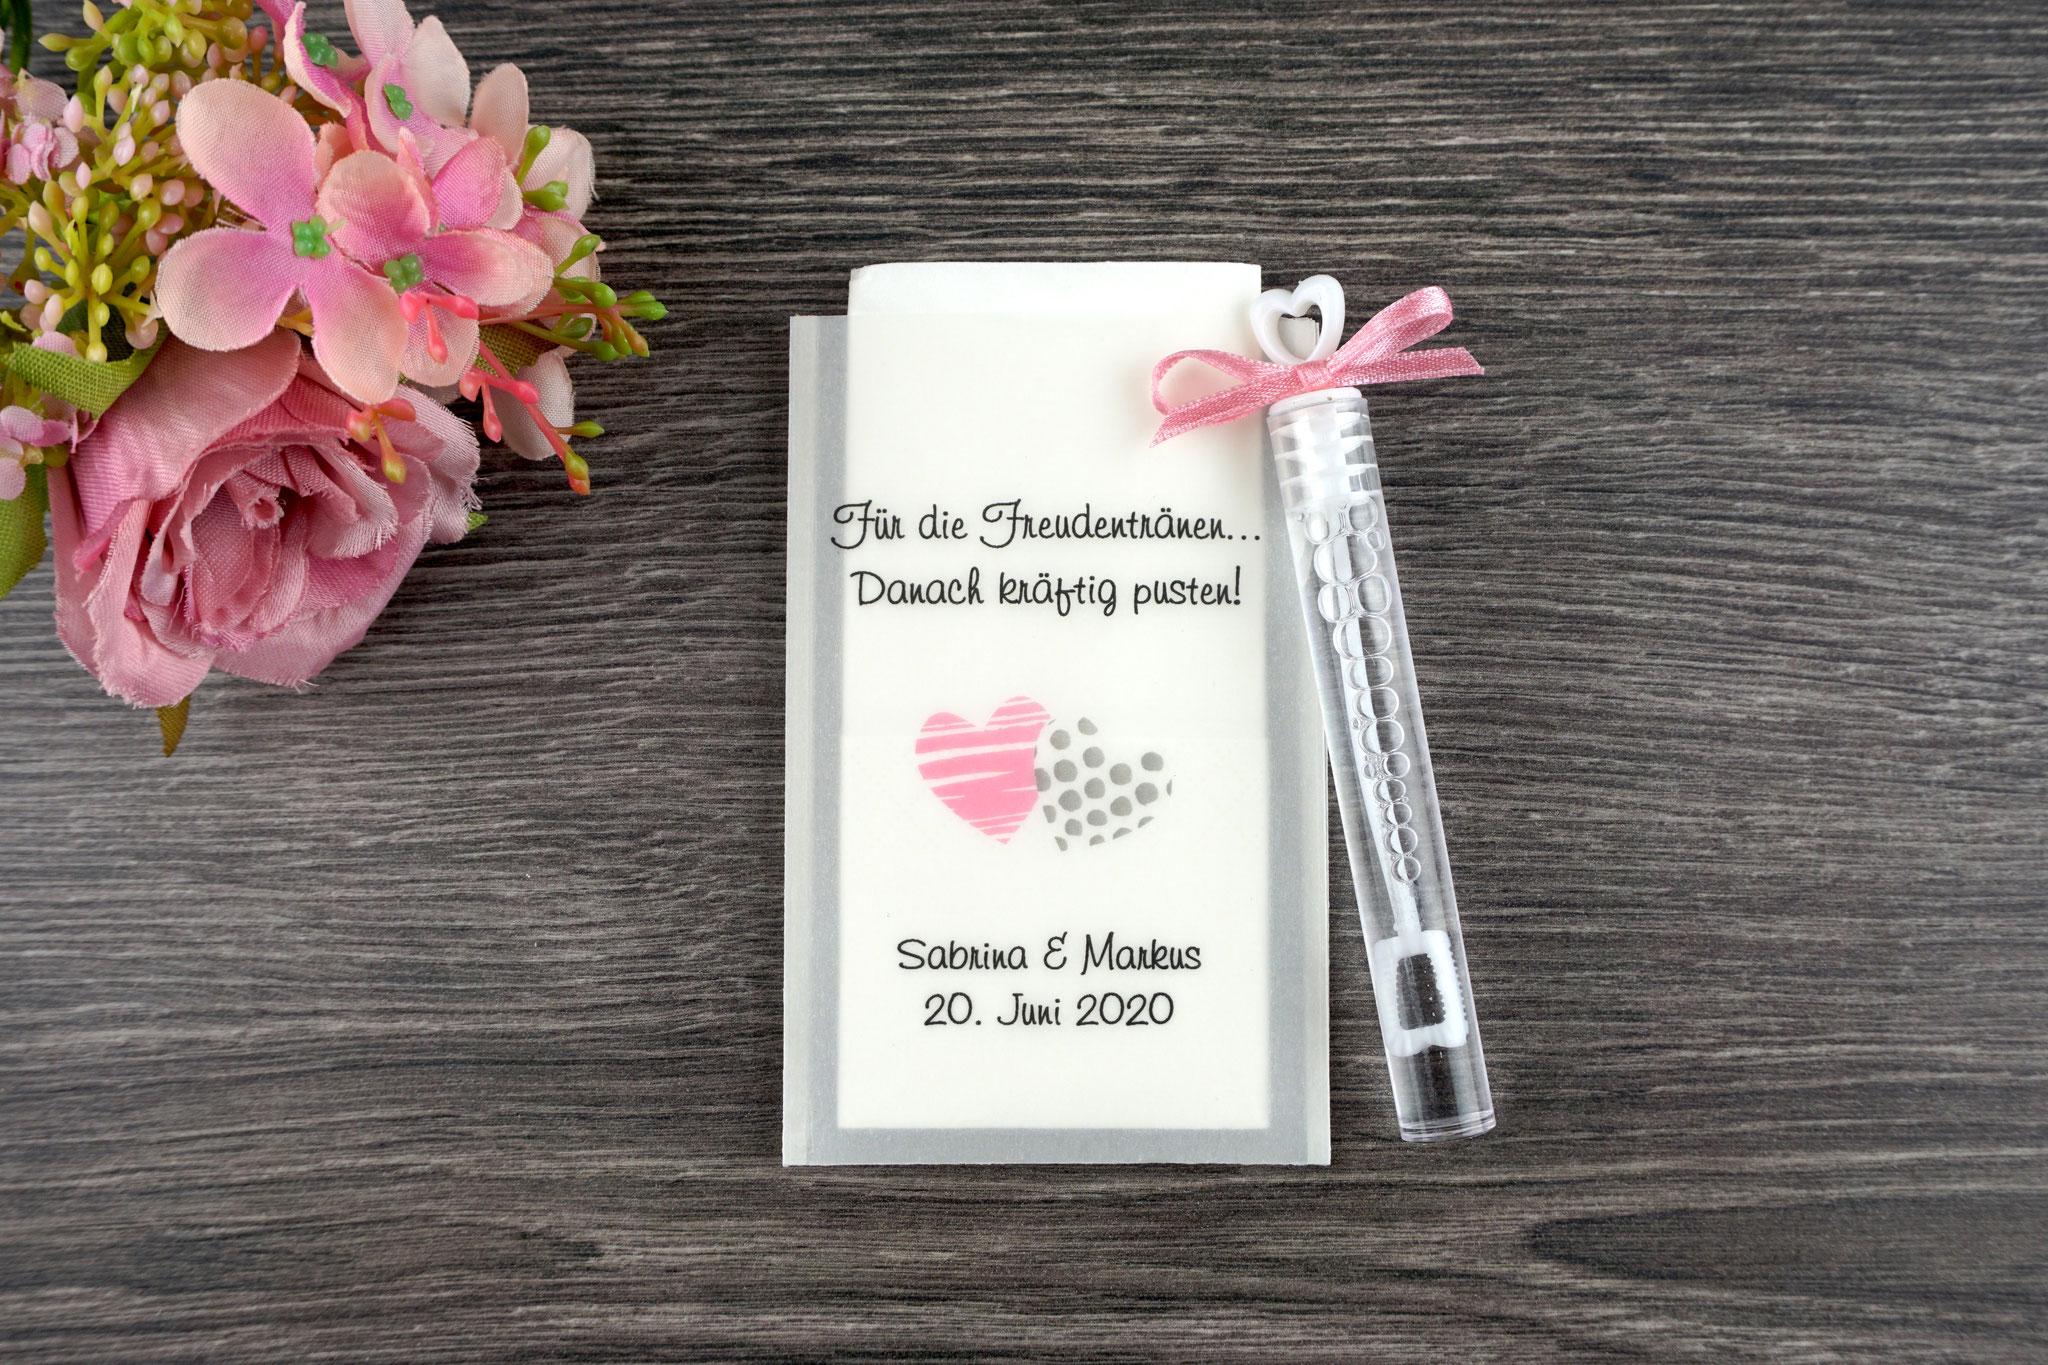 Freudentränen Taschentücher mit Seifenblasen, Design Zwei Herzen, Farbe Grau/Rosa - Sonderwunsch Farben